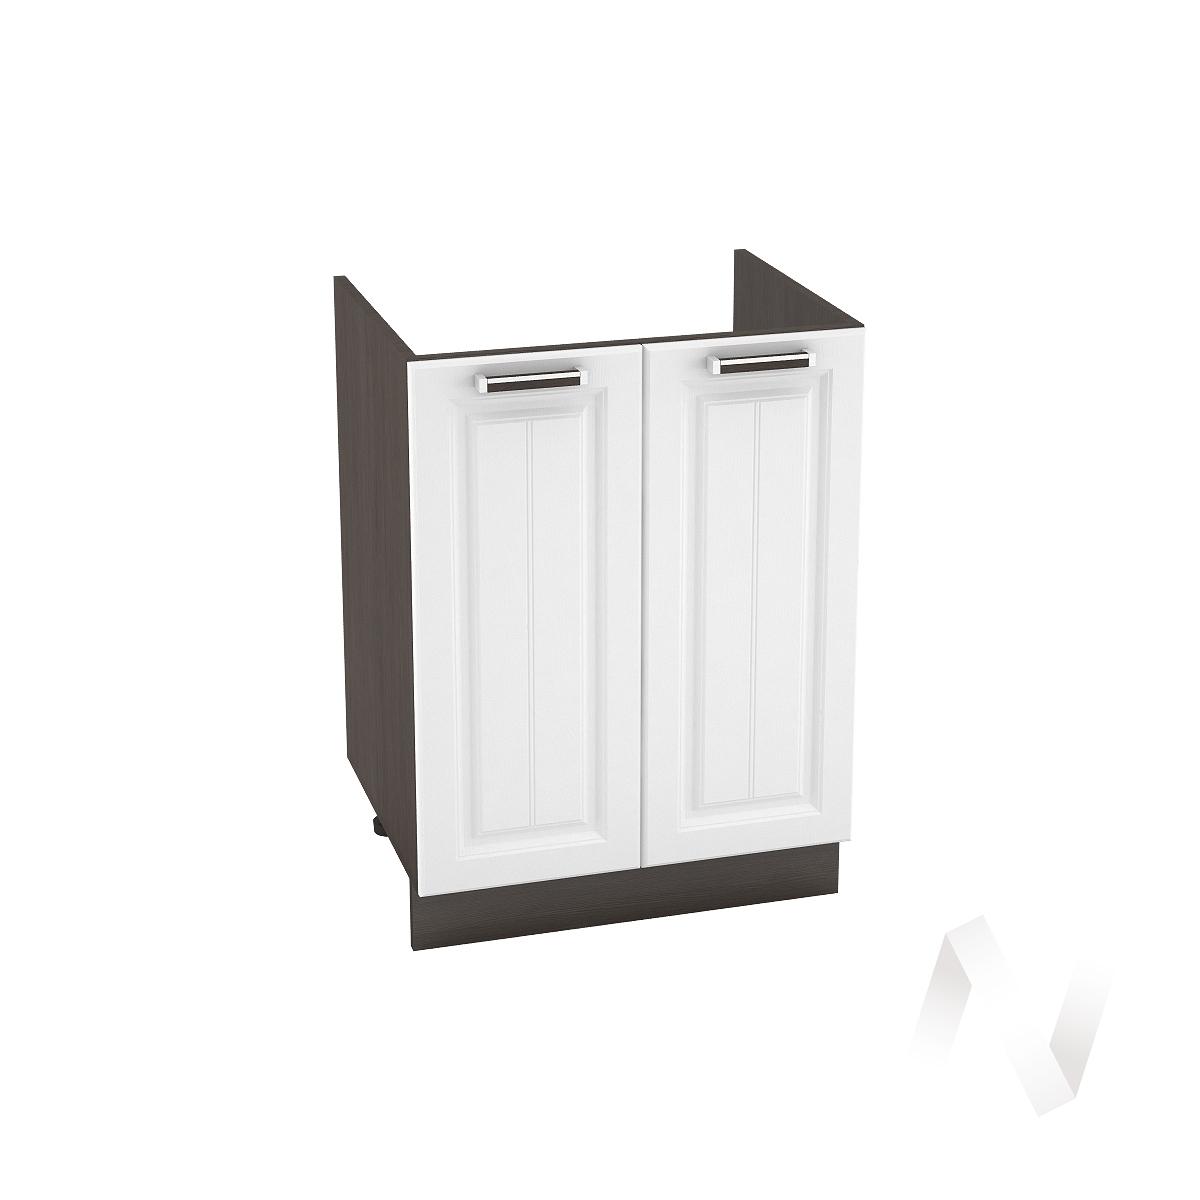 """Кухня """"Прага"""": Шкаф нижний под мойку 600, ШНМ 600 новый (белое дерево/корпус венге)"""